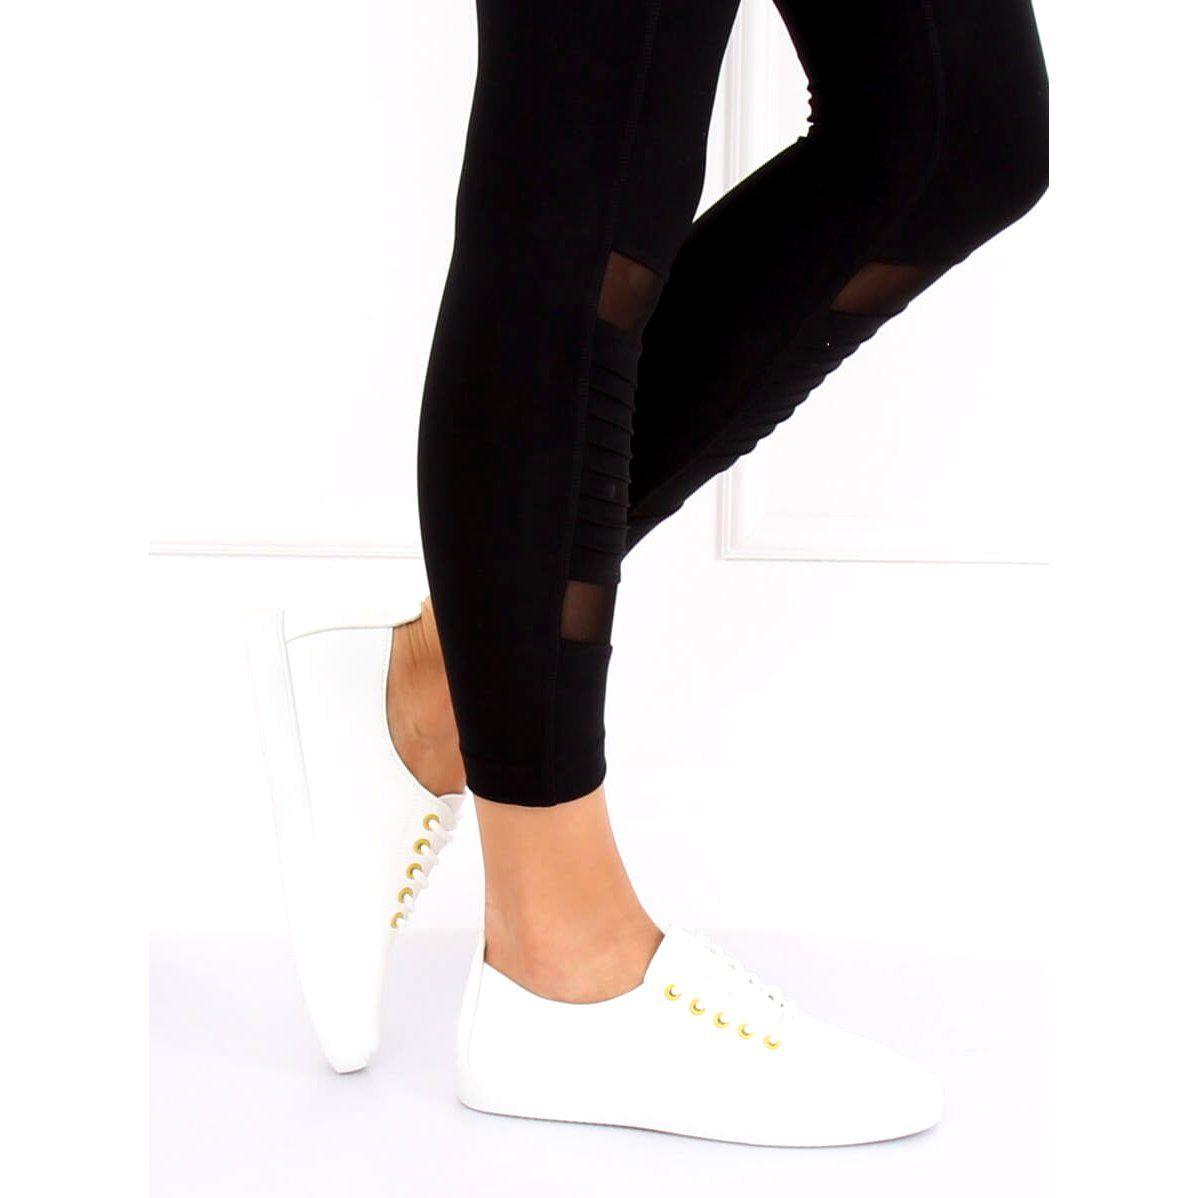 Trampki Damskie Biale Wd009 White Yellow Fashion Black Jeans Black